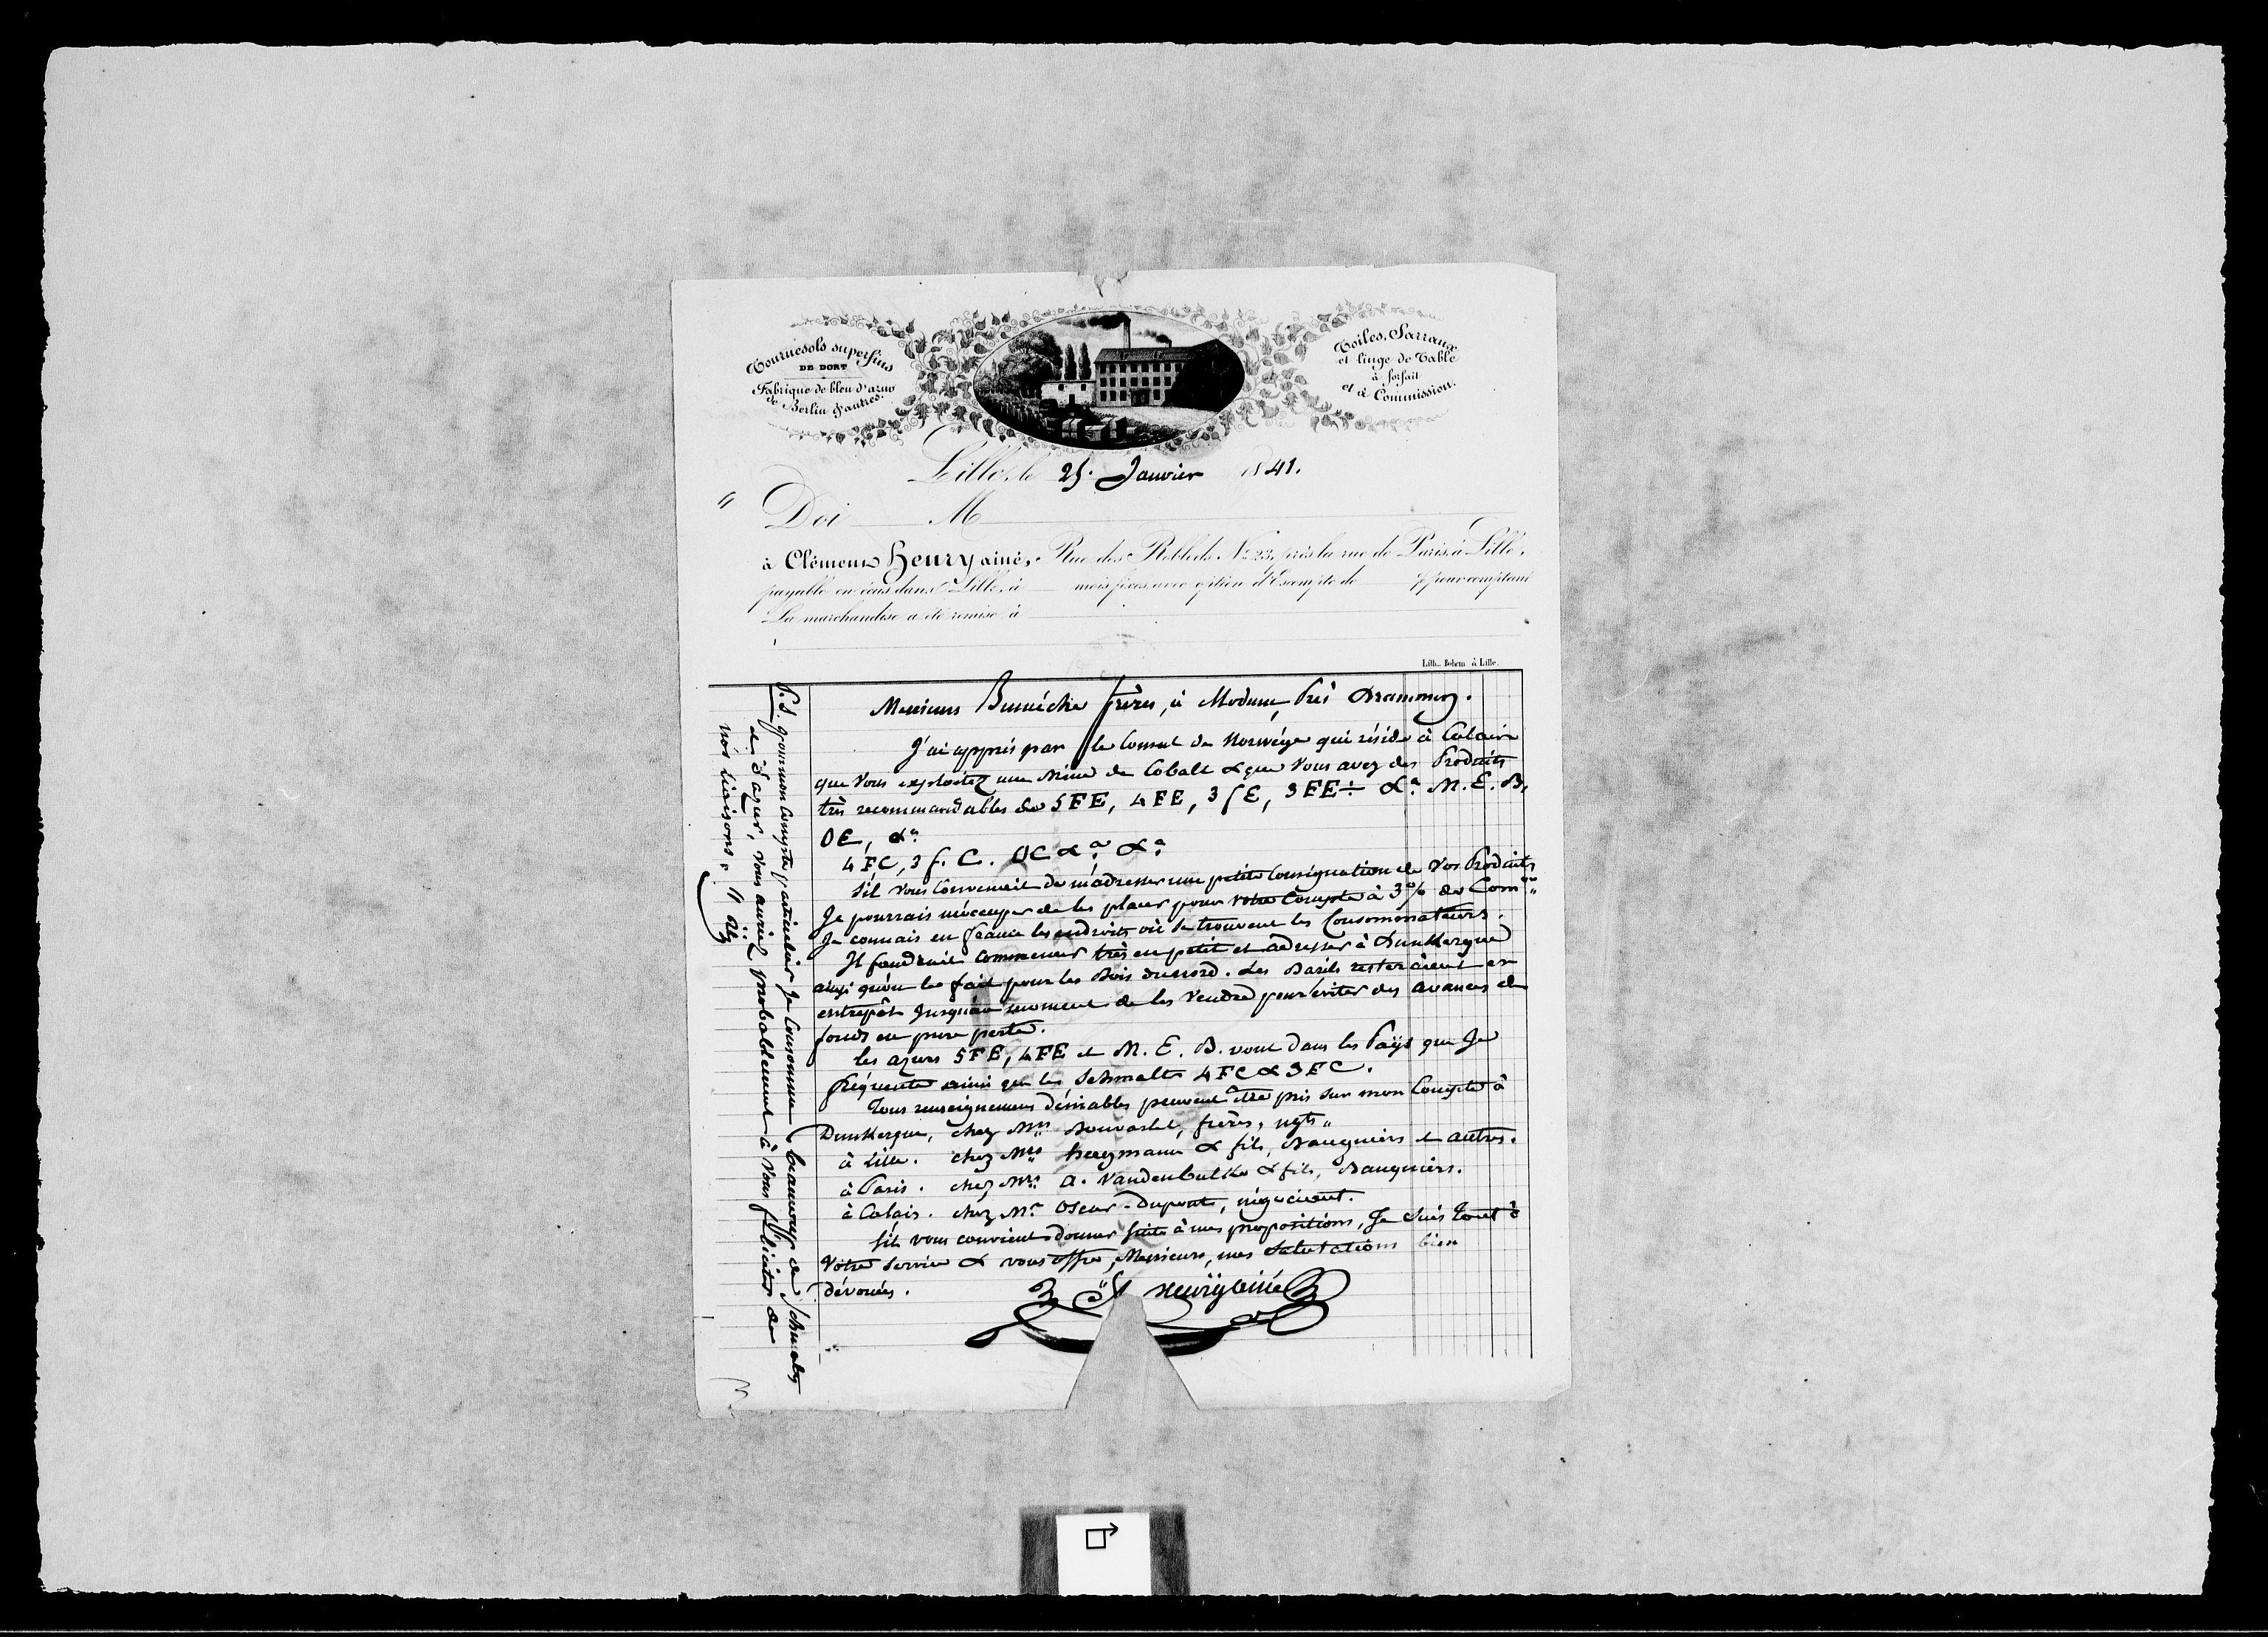 RA, Modums Blaafarveværk, G/Gb/L0125, 1840-1841, s. 2